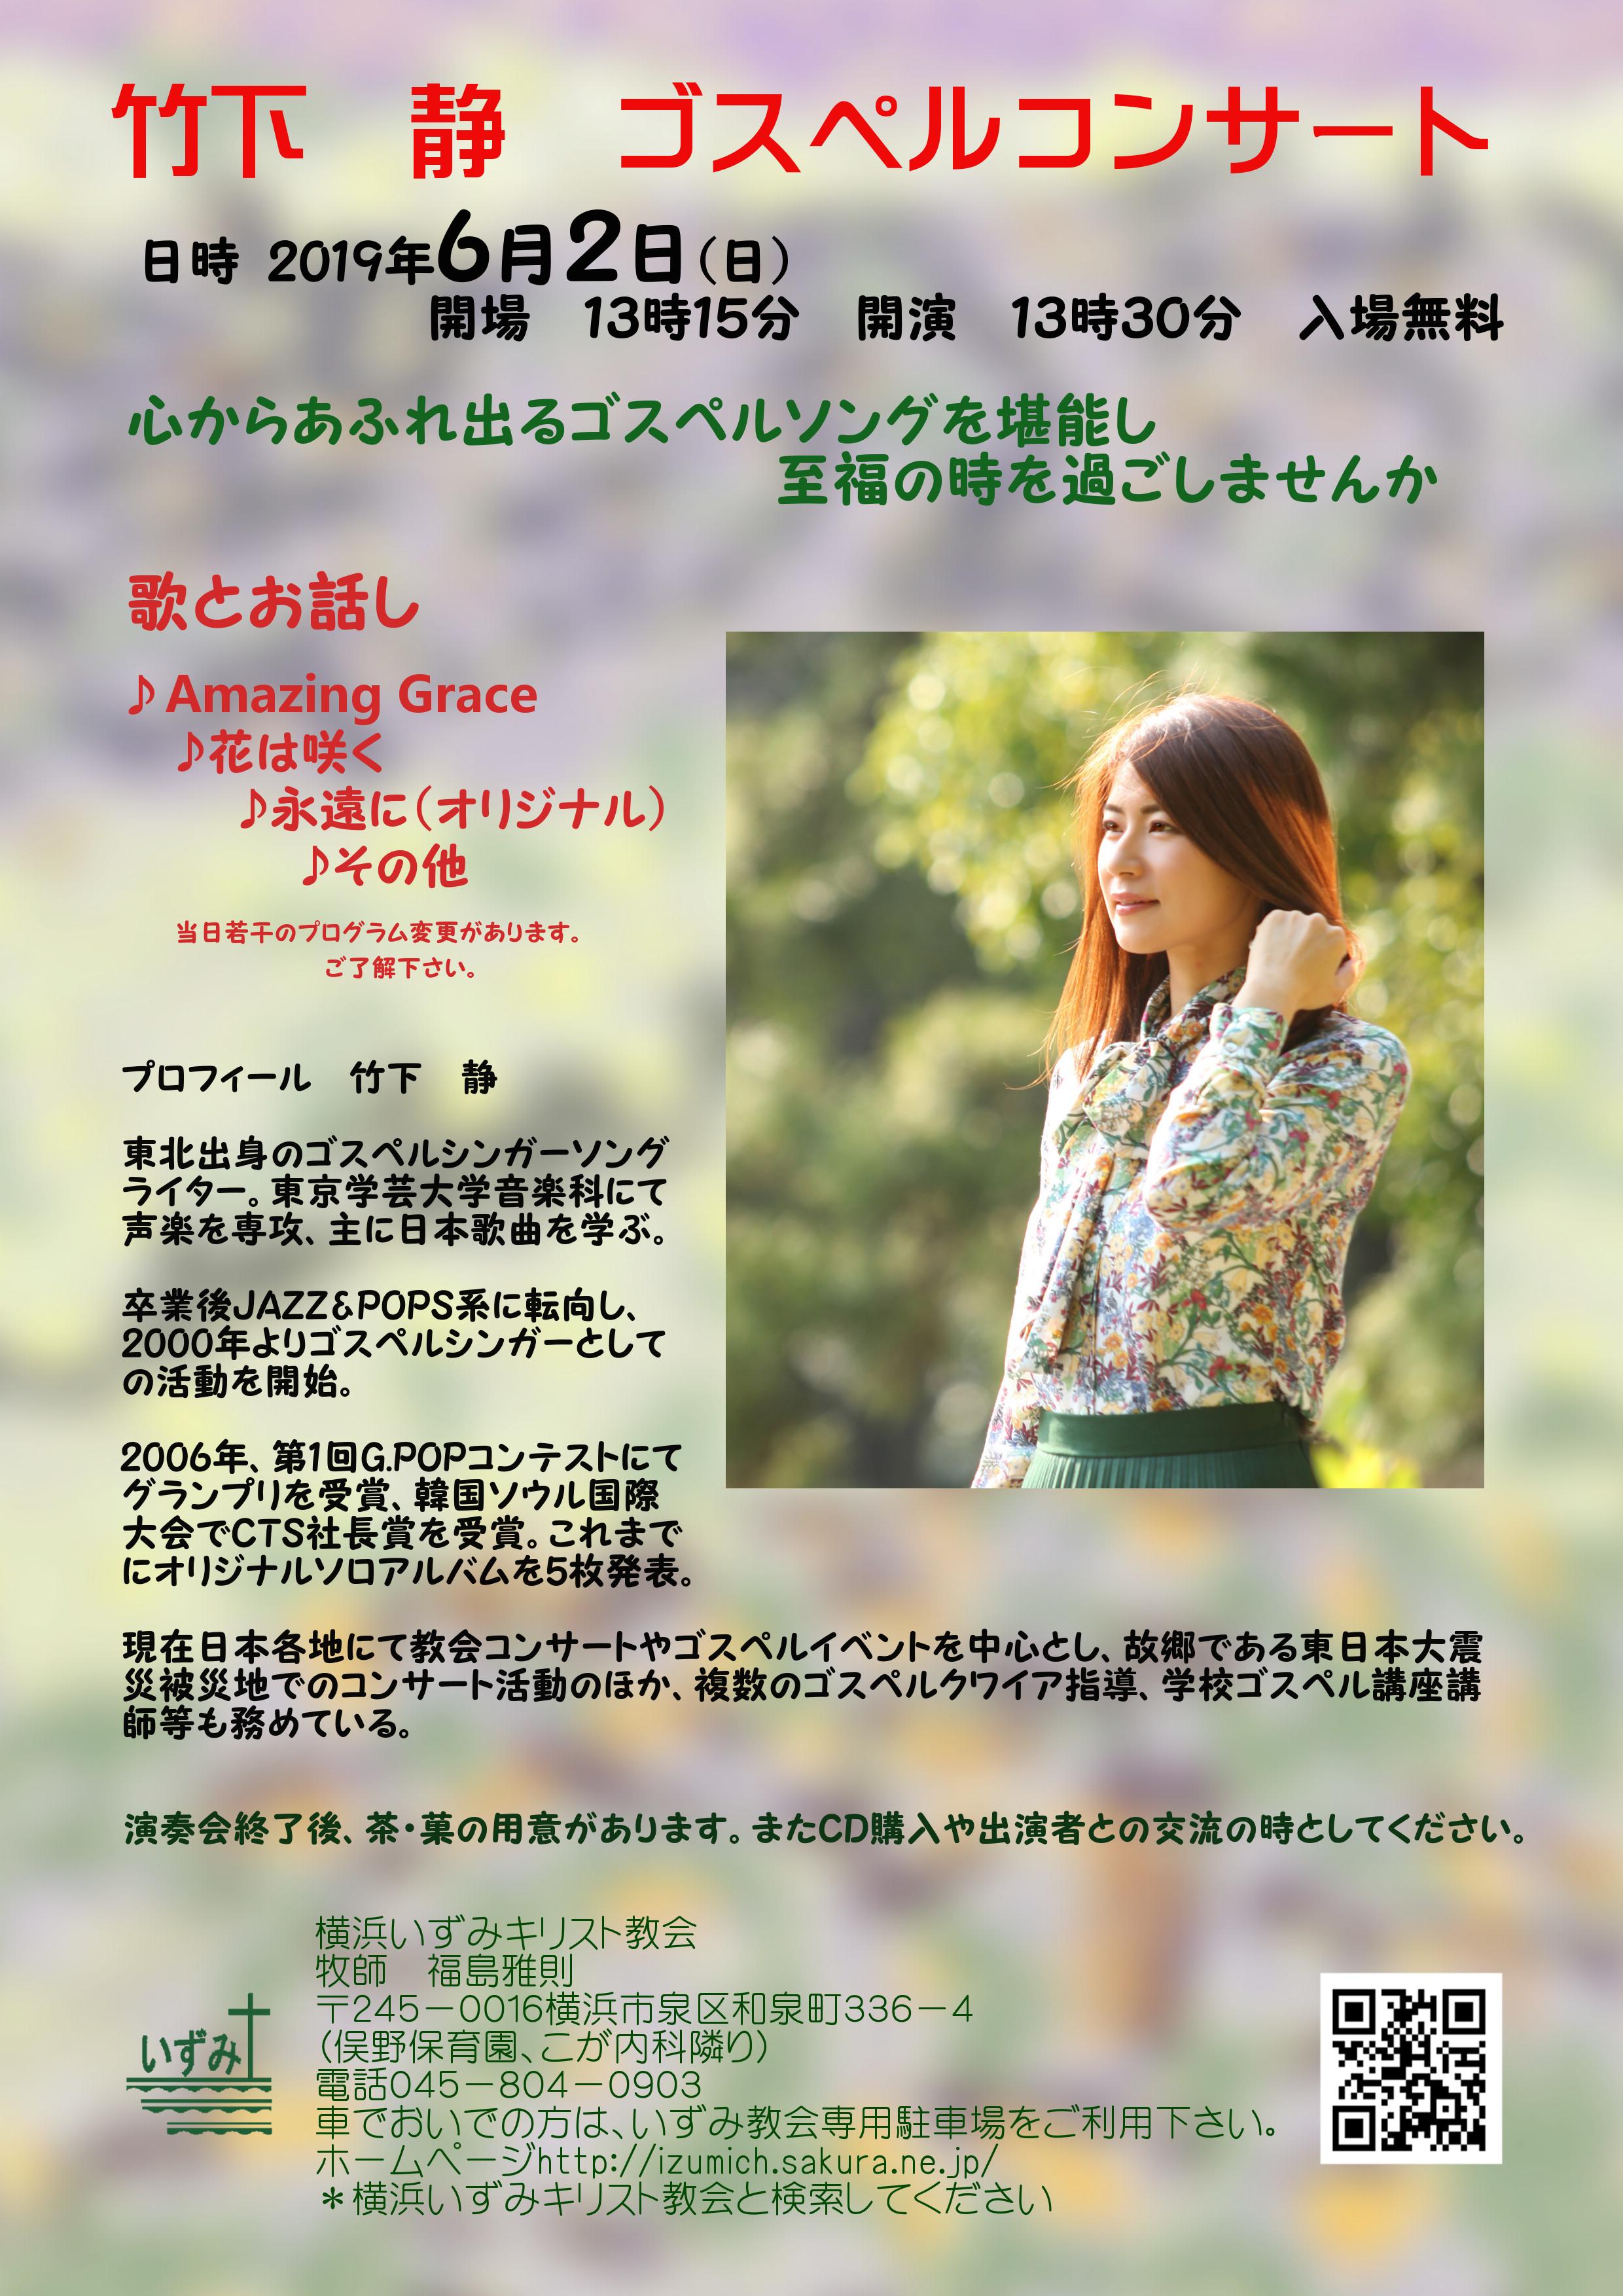 横浜いずみキリスト教会 @ 横浜いずみキリスト教会